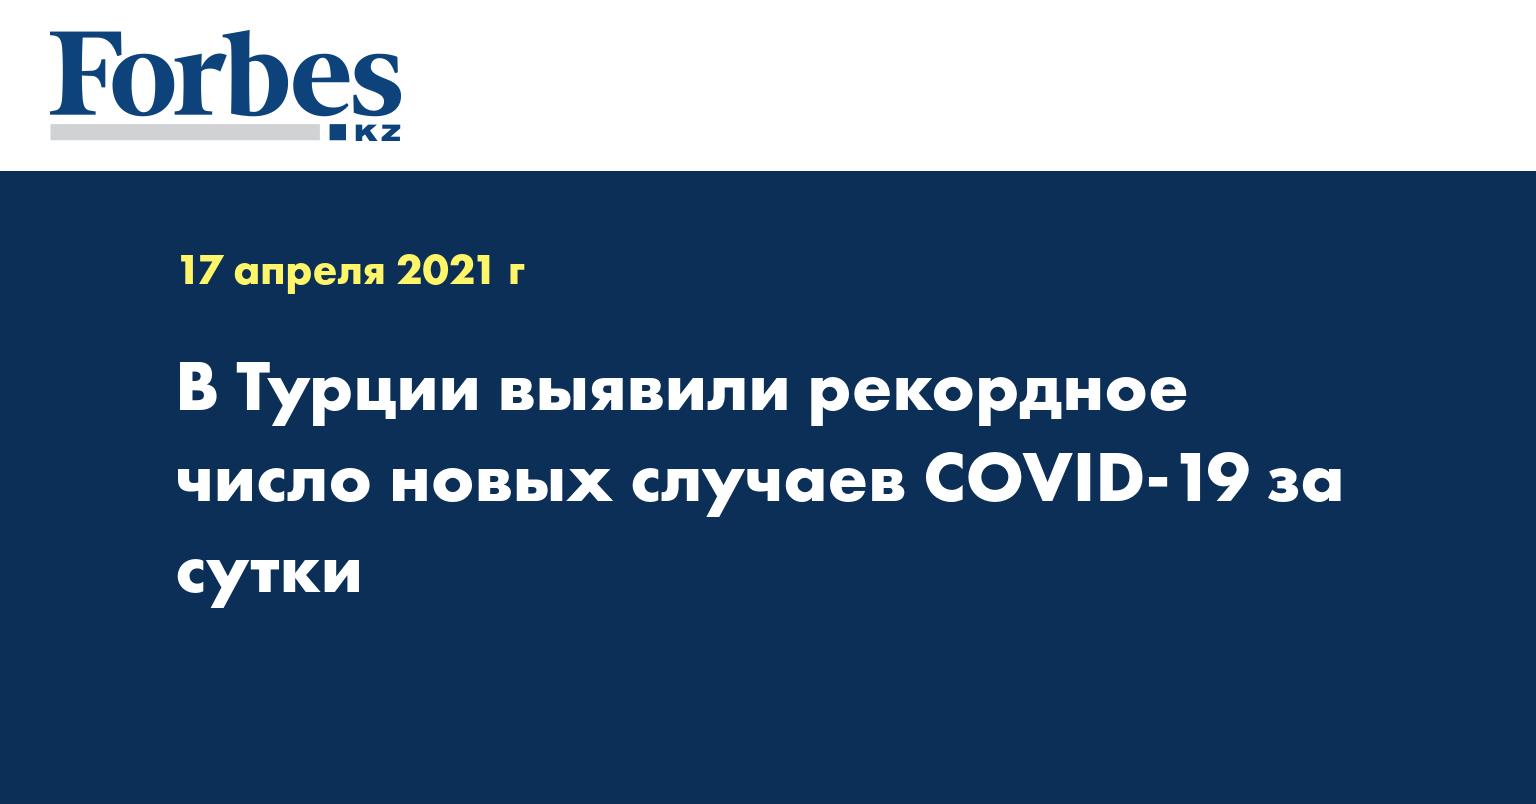 В Турции выявили рекордное число новых случаев COVID-19 за сутки